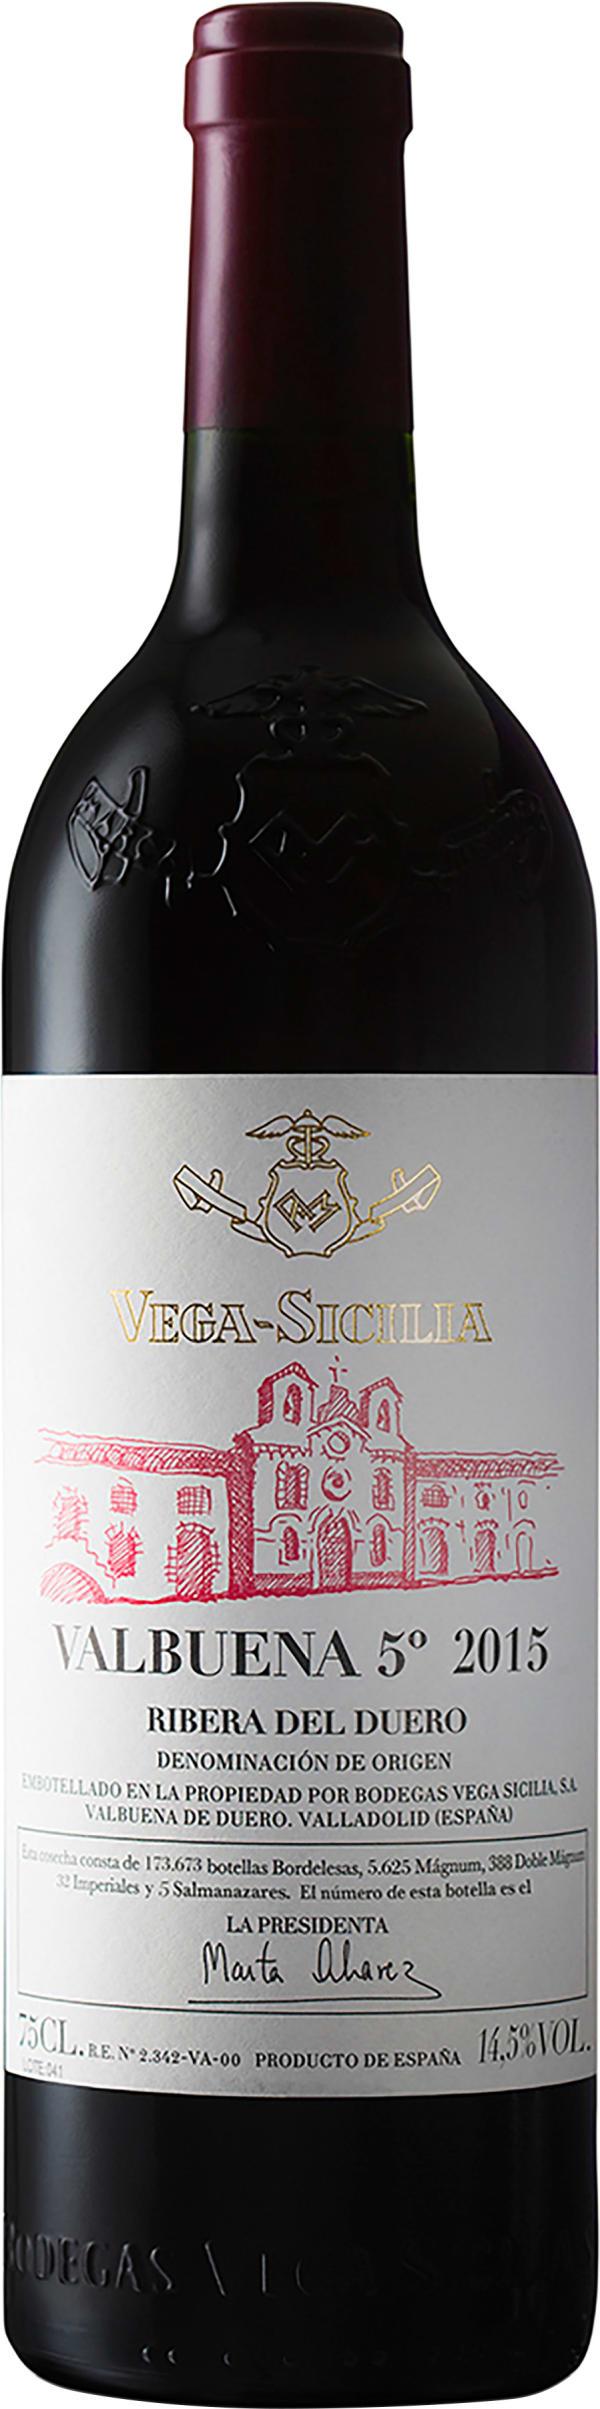 Vega-Sicilia Valbuena 5° 2015